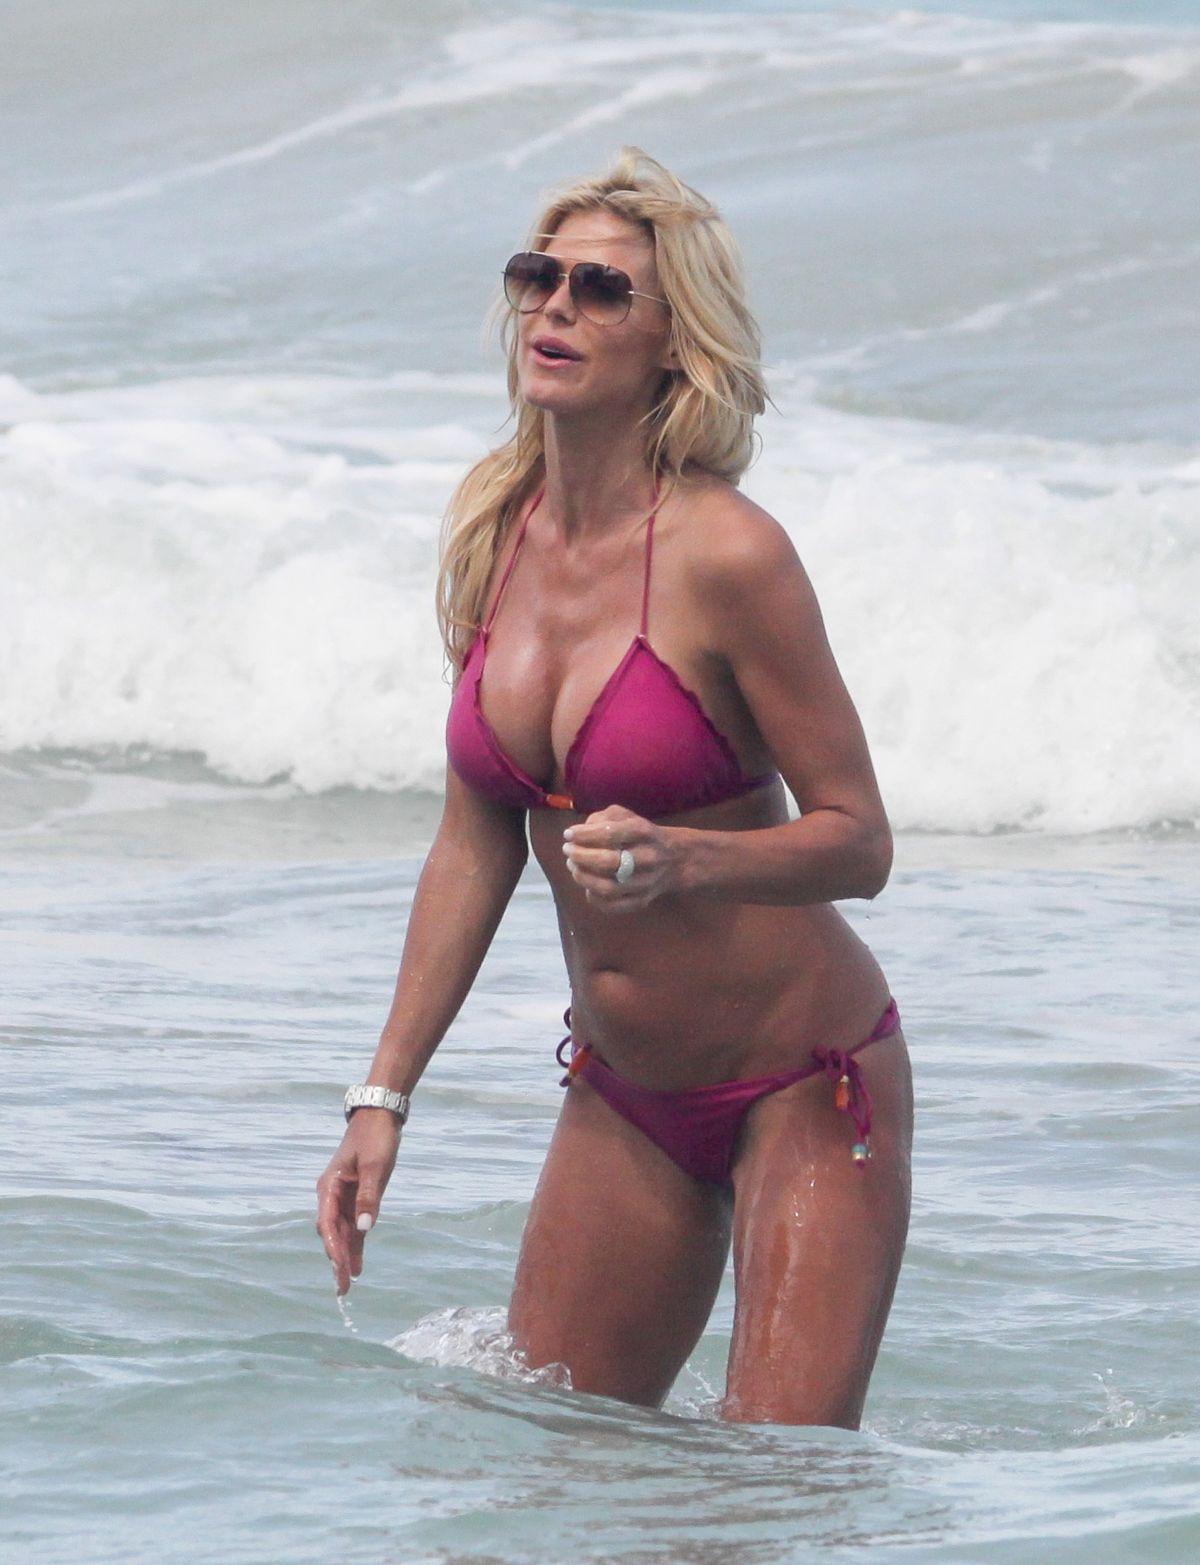 Victoria Silvstedt in Red Bikini in Miami Pic 32 of 35